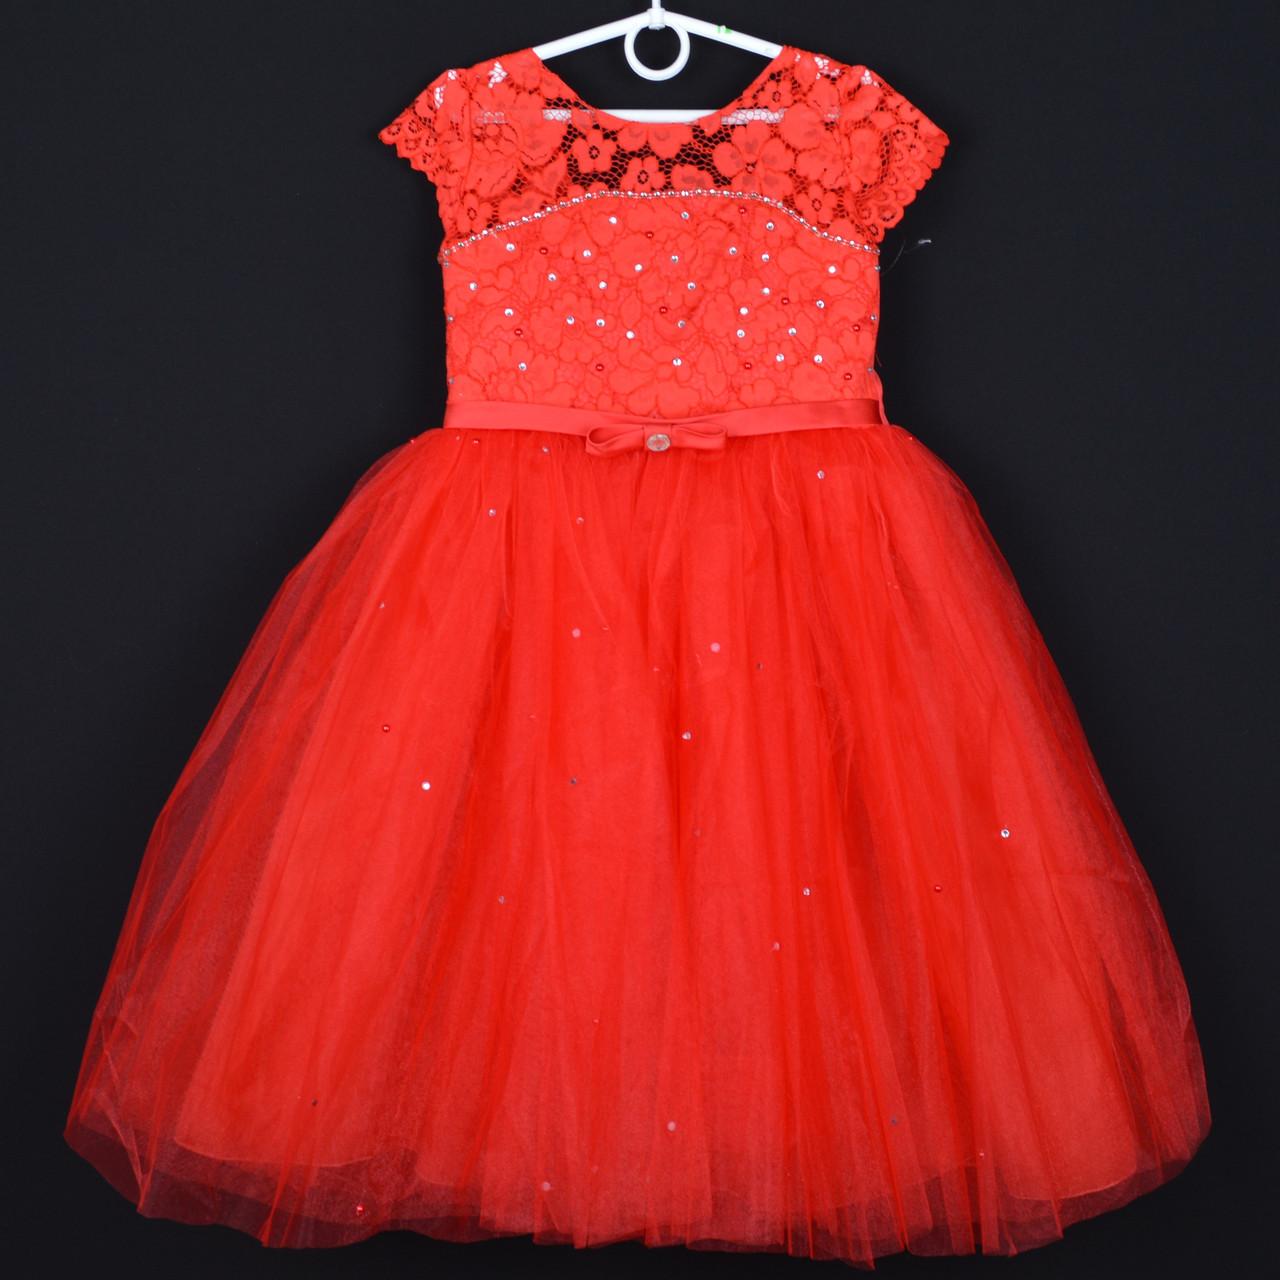 """Платье нарядное детское """"Эмма"""". 5-6 лет. Красное. Оптом и в розницу"""